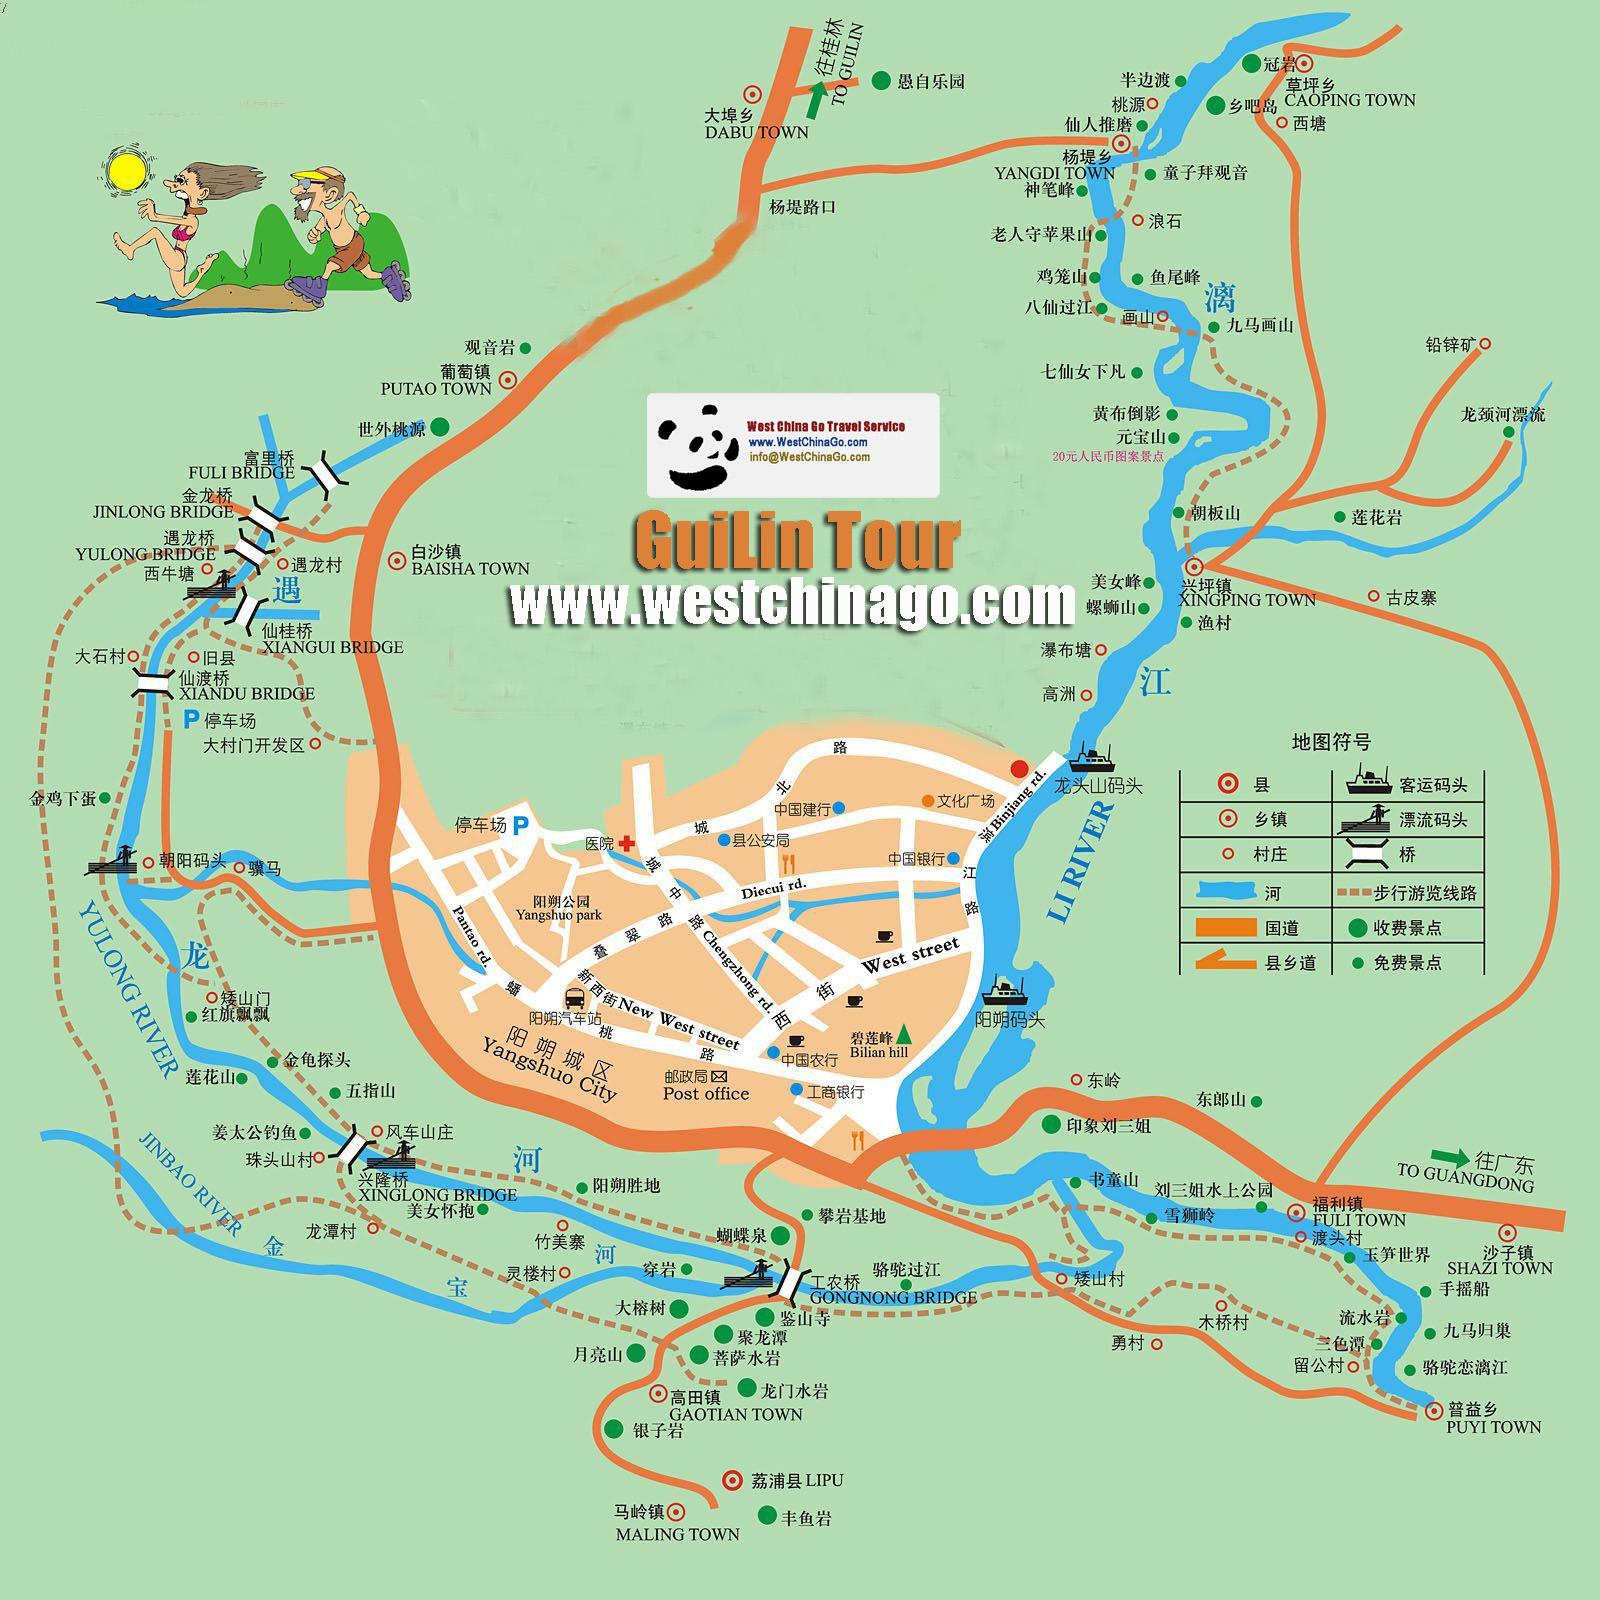 guilin tour map